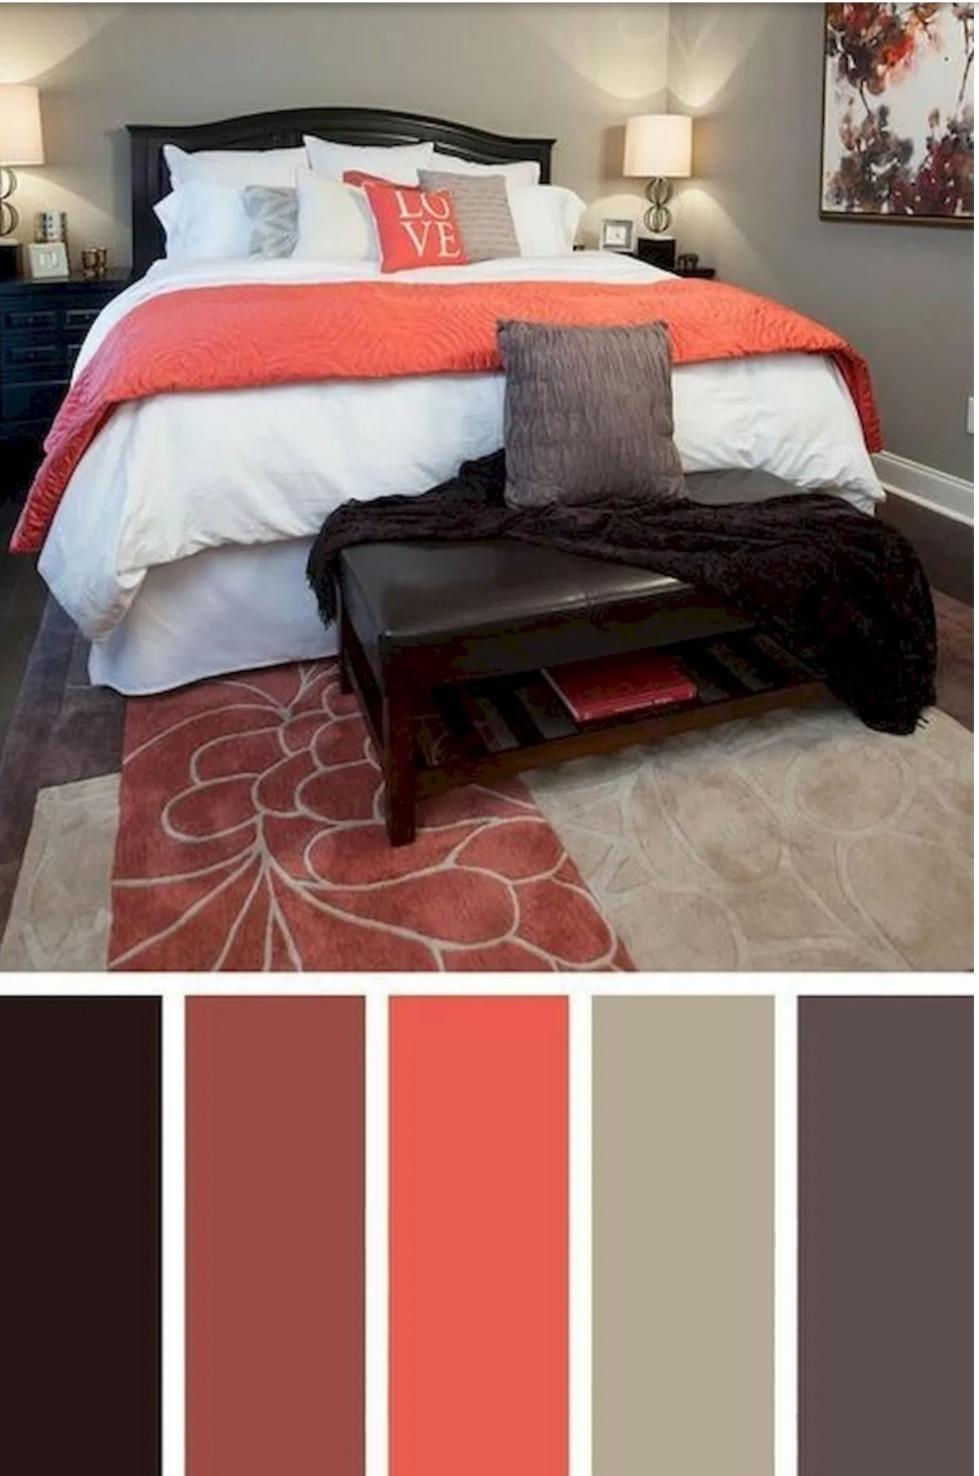 Barevné kombinace nejen do ložnice. - Obrázek č. 22